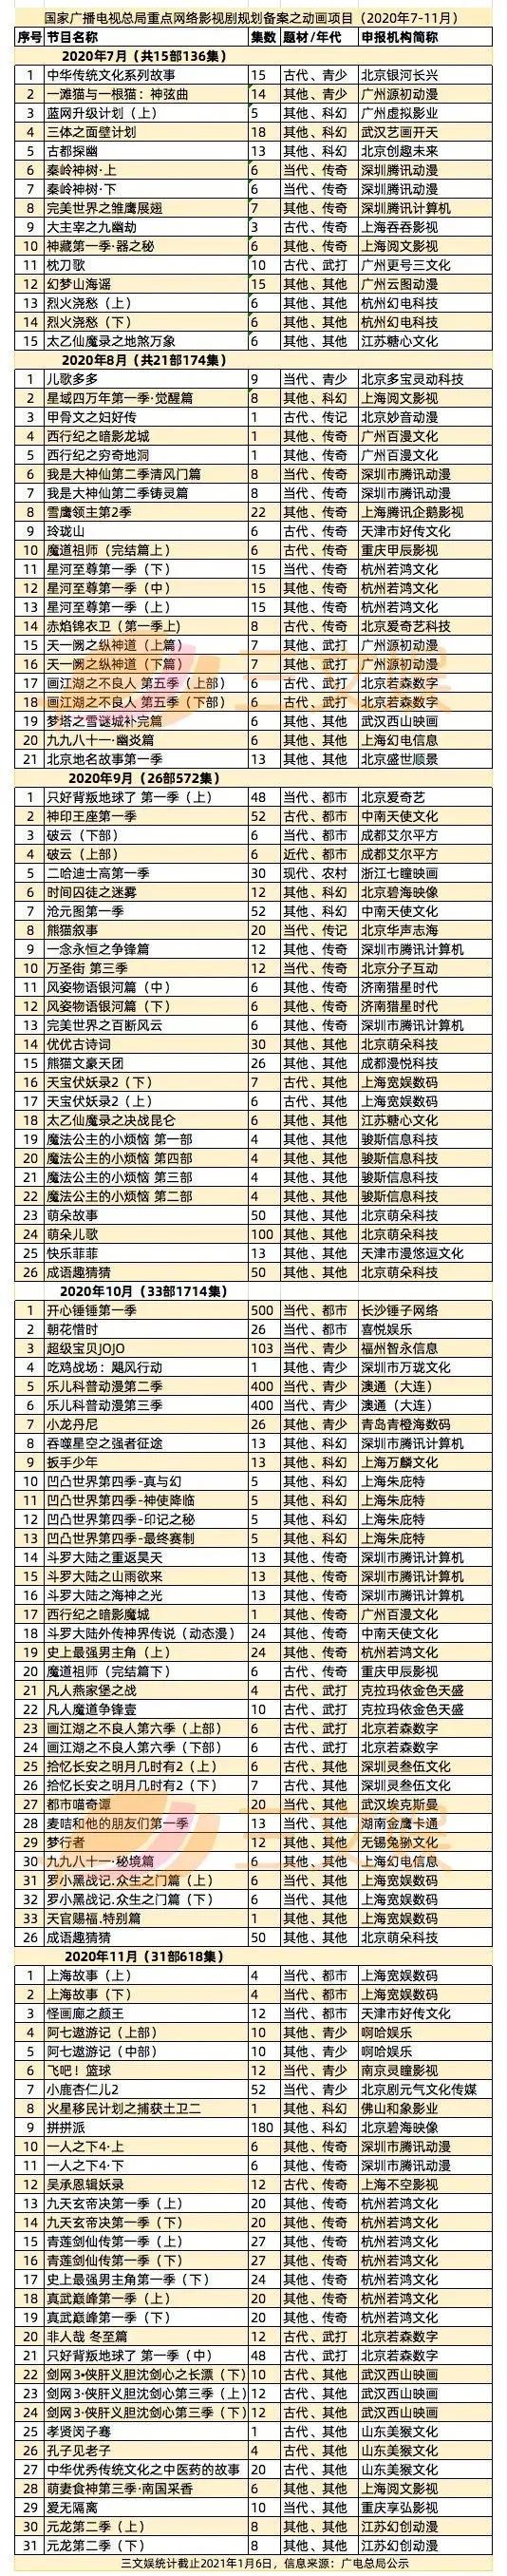 《元龙2》《一人之下4》《沈剑心3》等31部重点网络动画备案